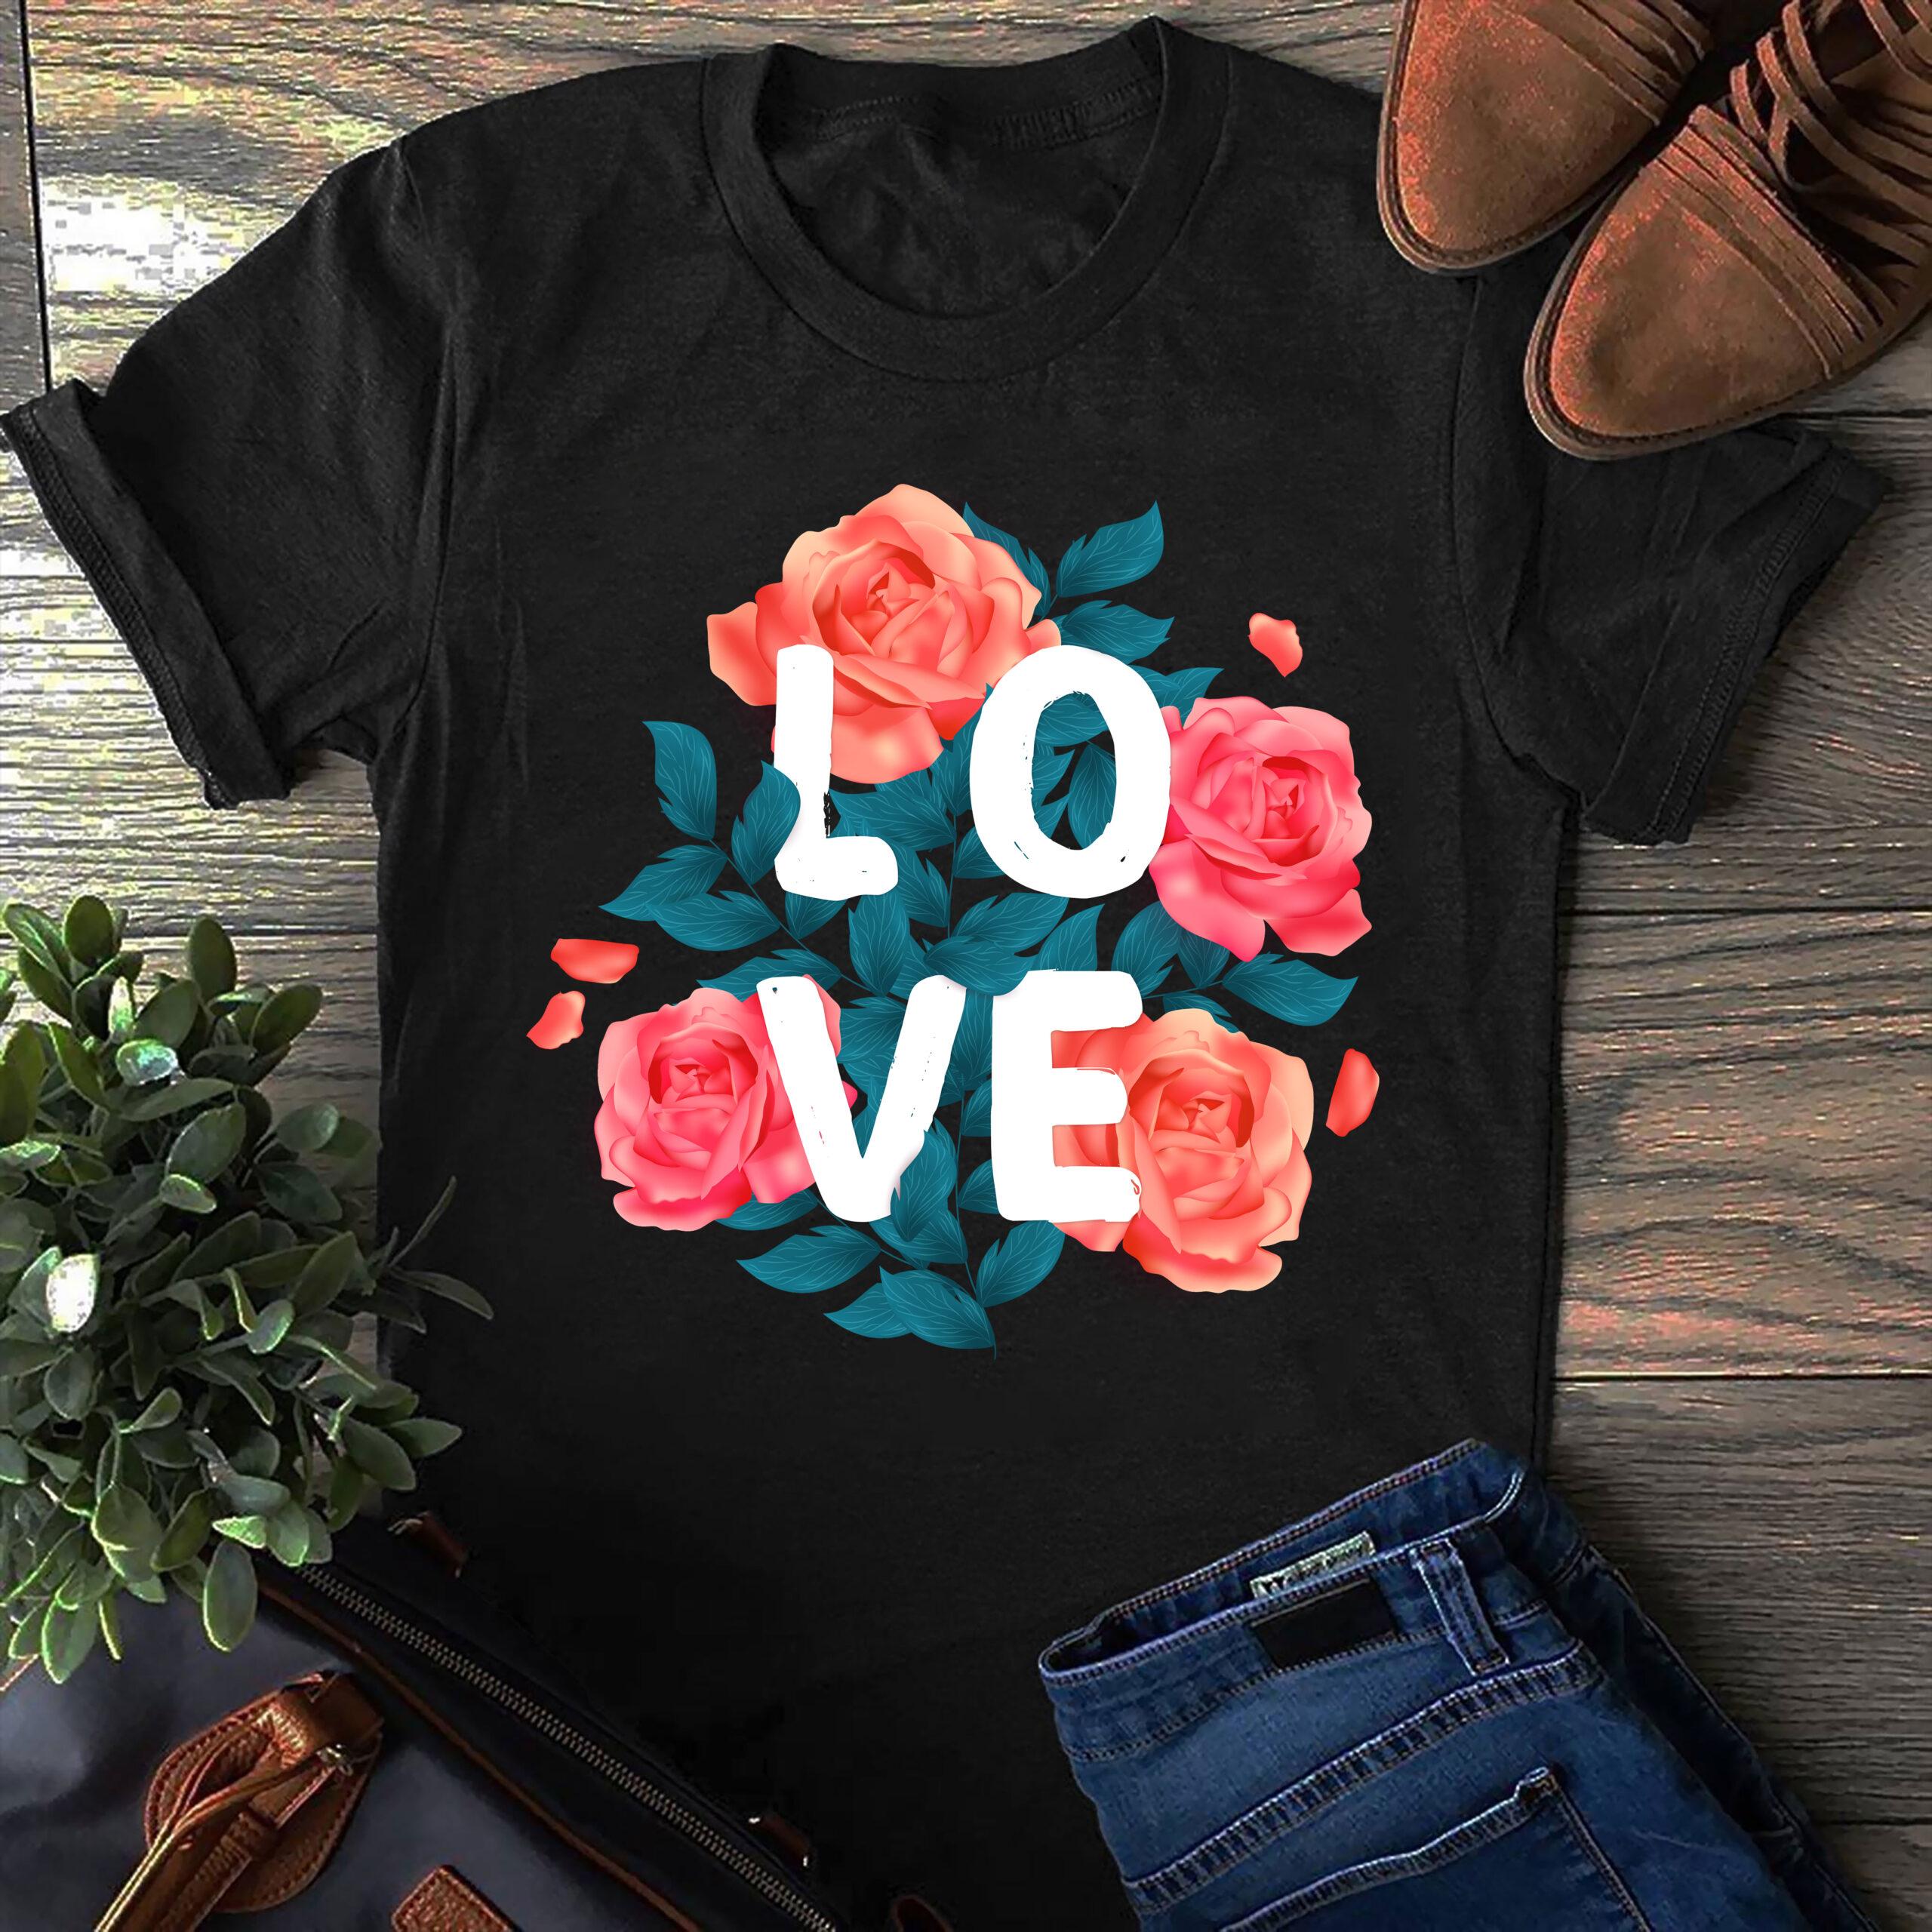 Flower Shirt Love